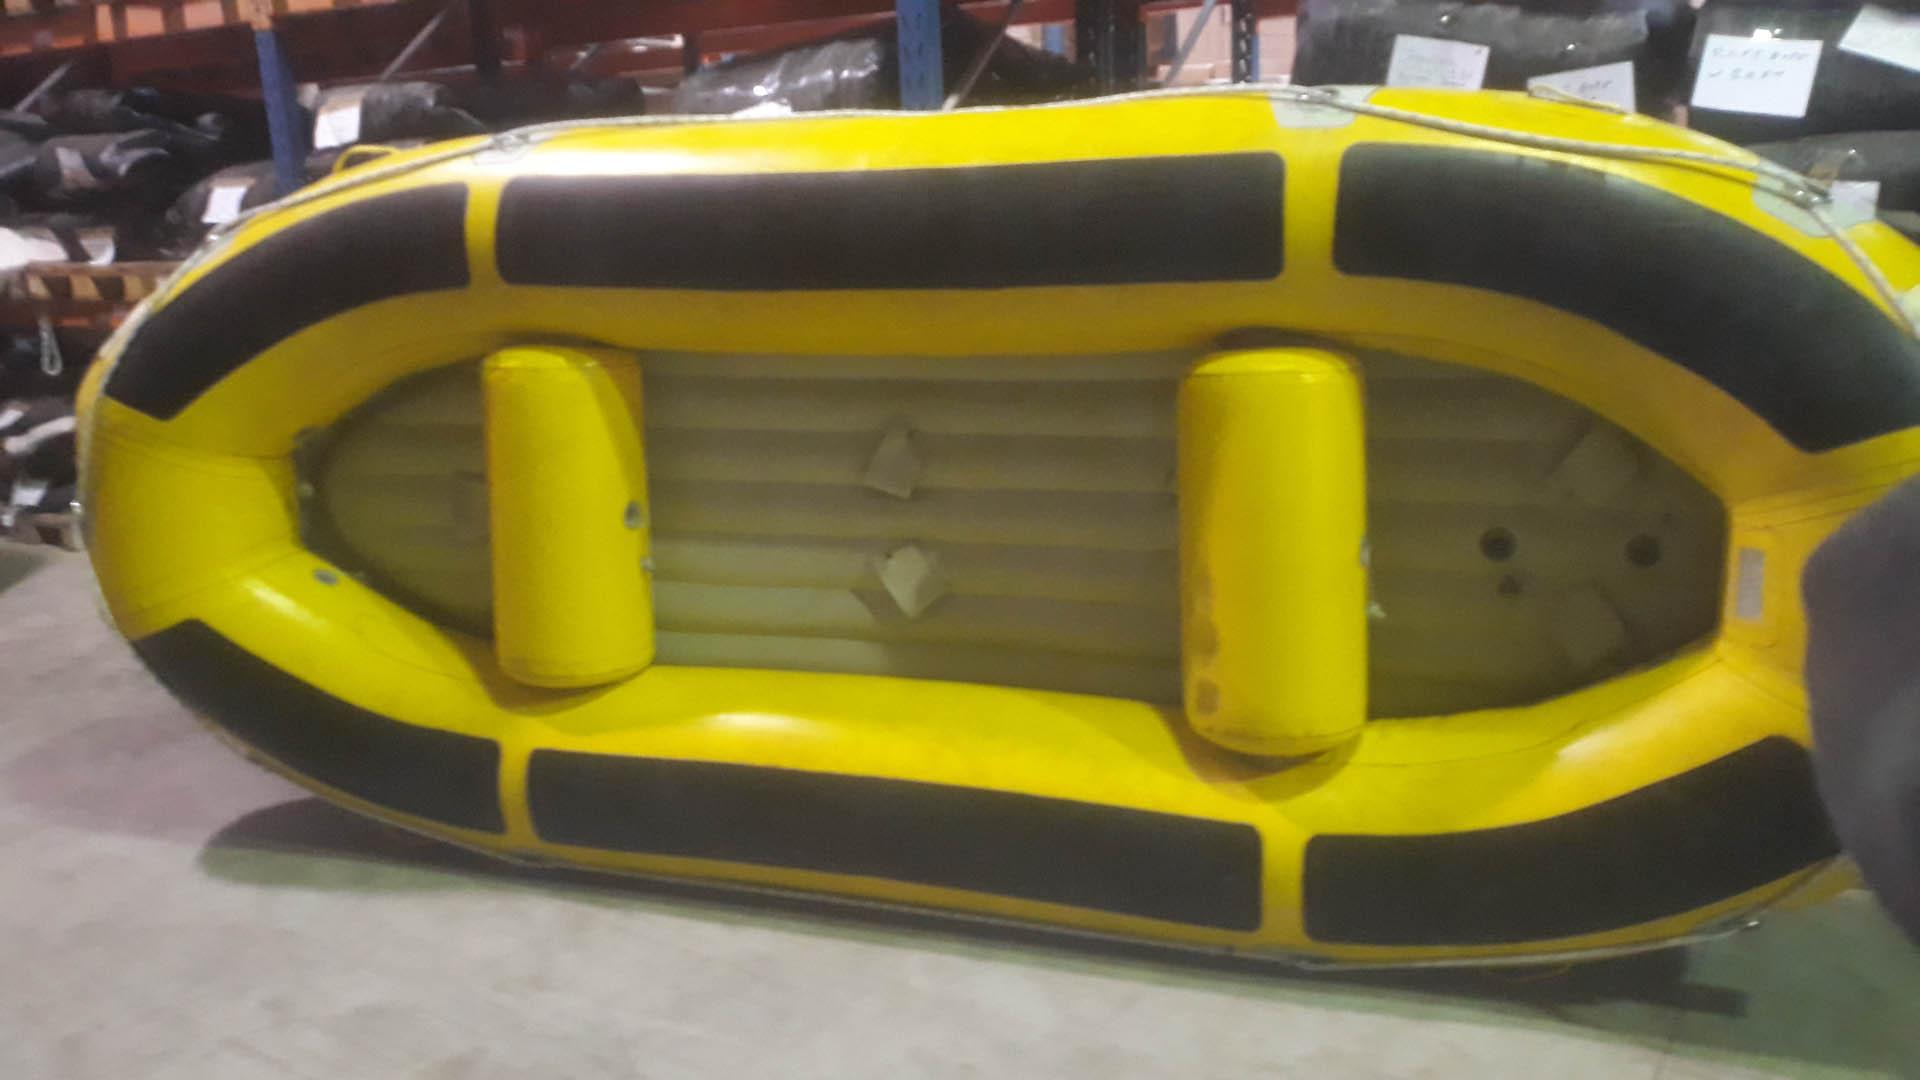 ADV 420 jaune tube herry N° 321 05 D2 92 B